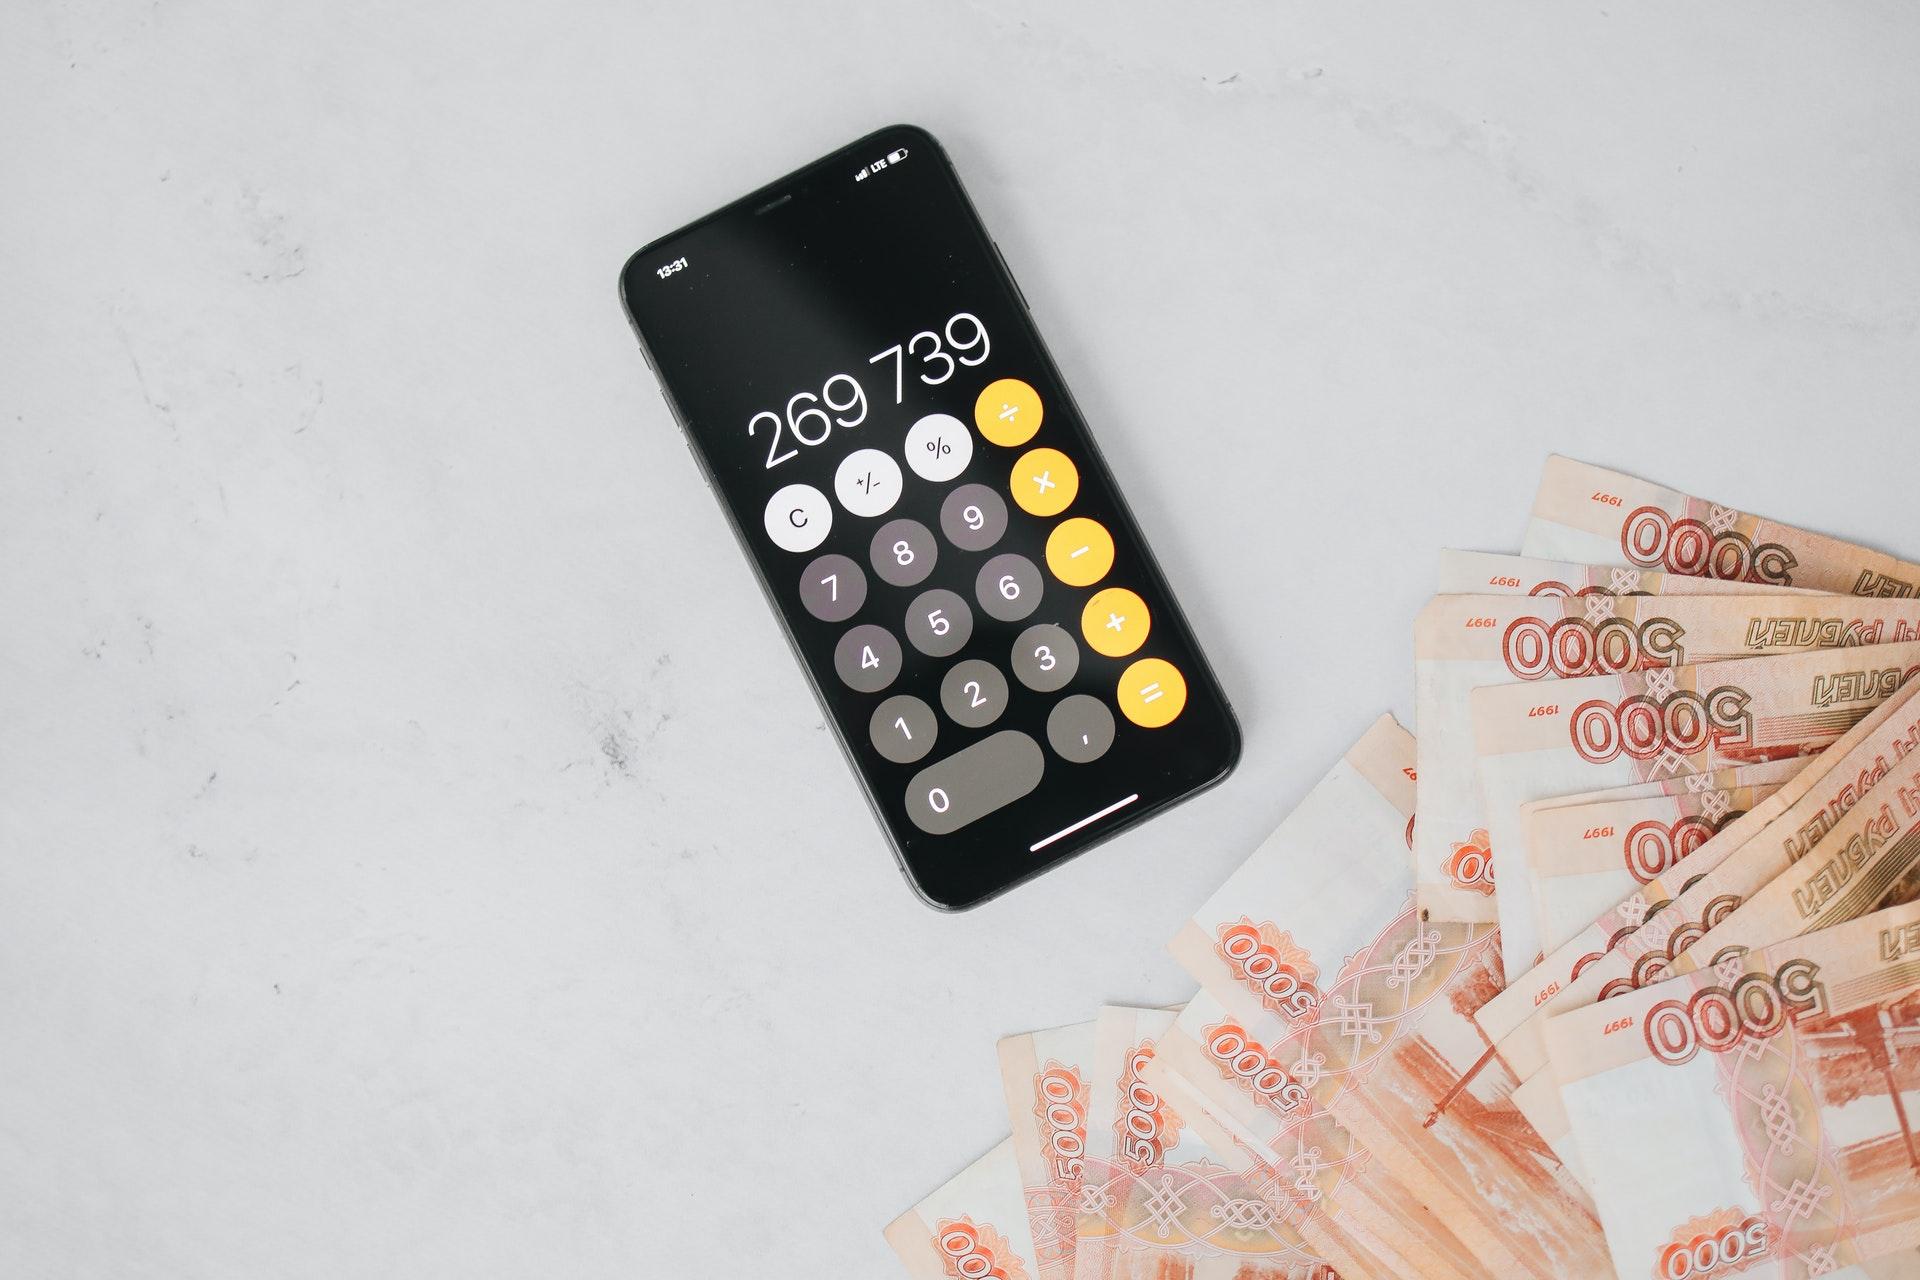 Vemos uma calculadora em um celular e notas de dinheiro sobre uma mesa (imagem ilustrativa). Texto: franquia touareg seguros.